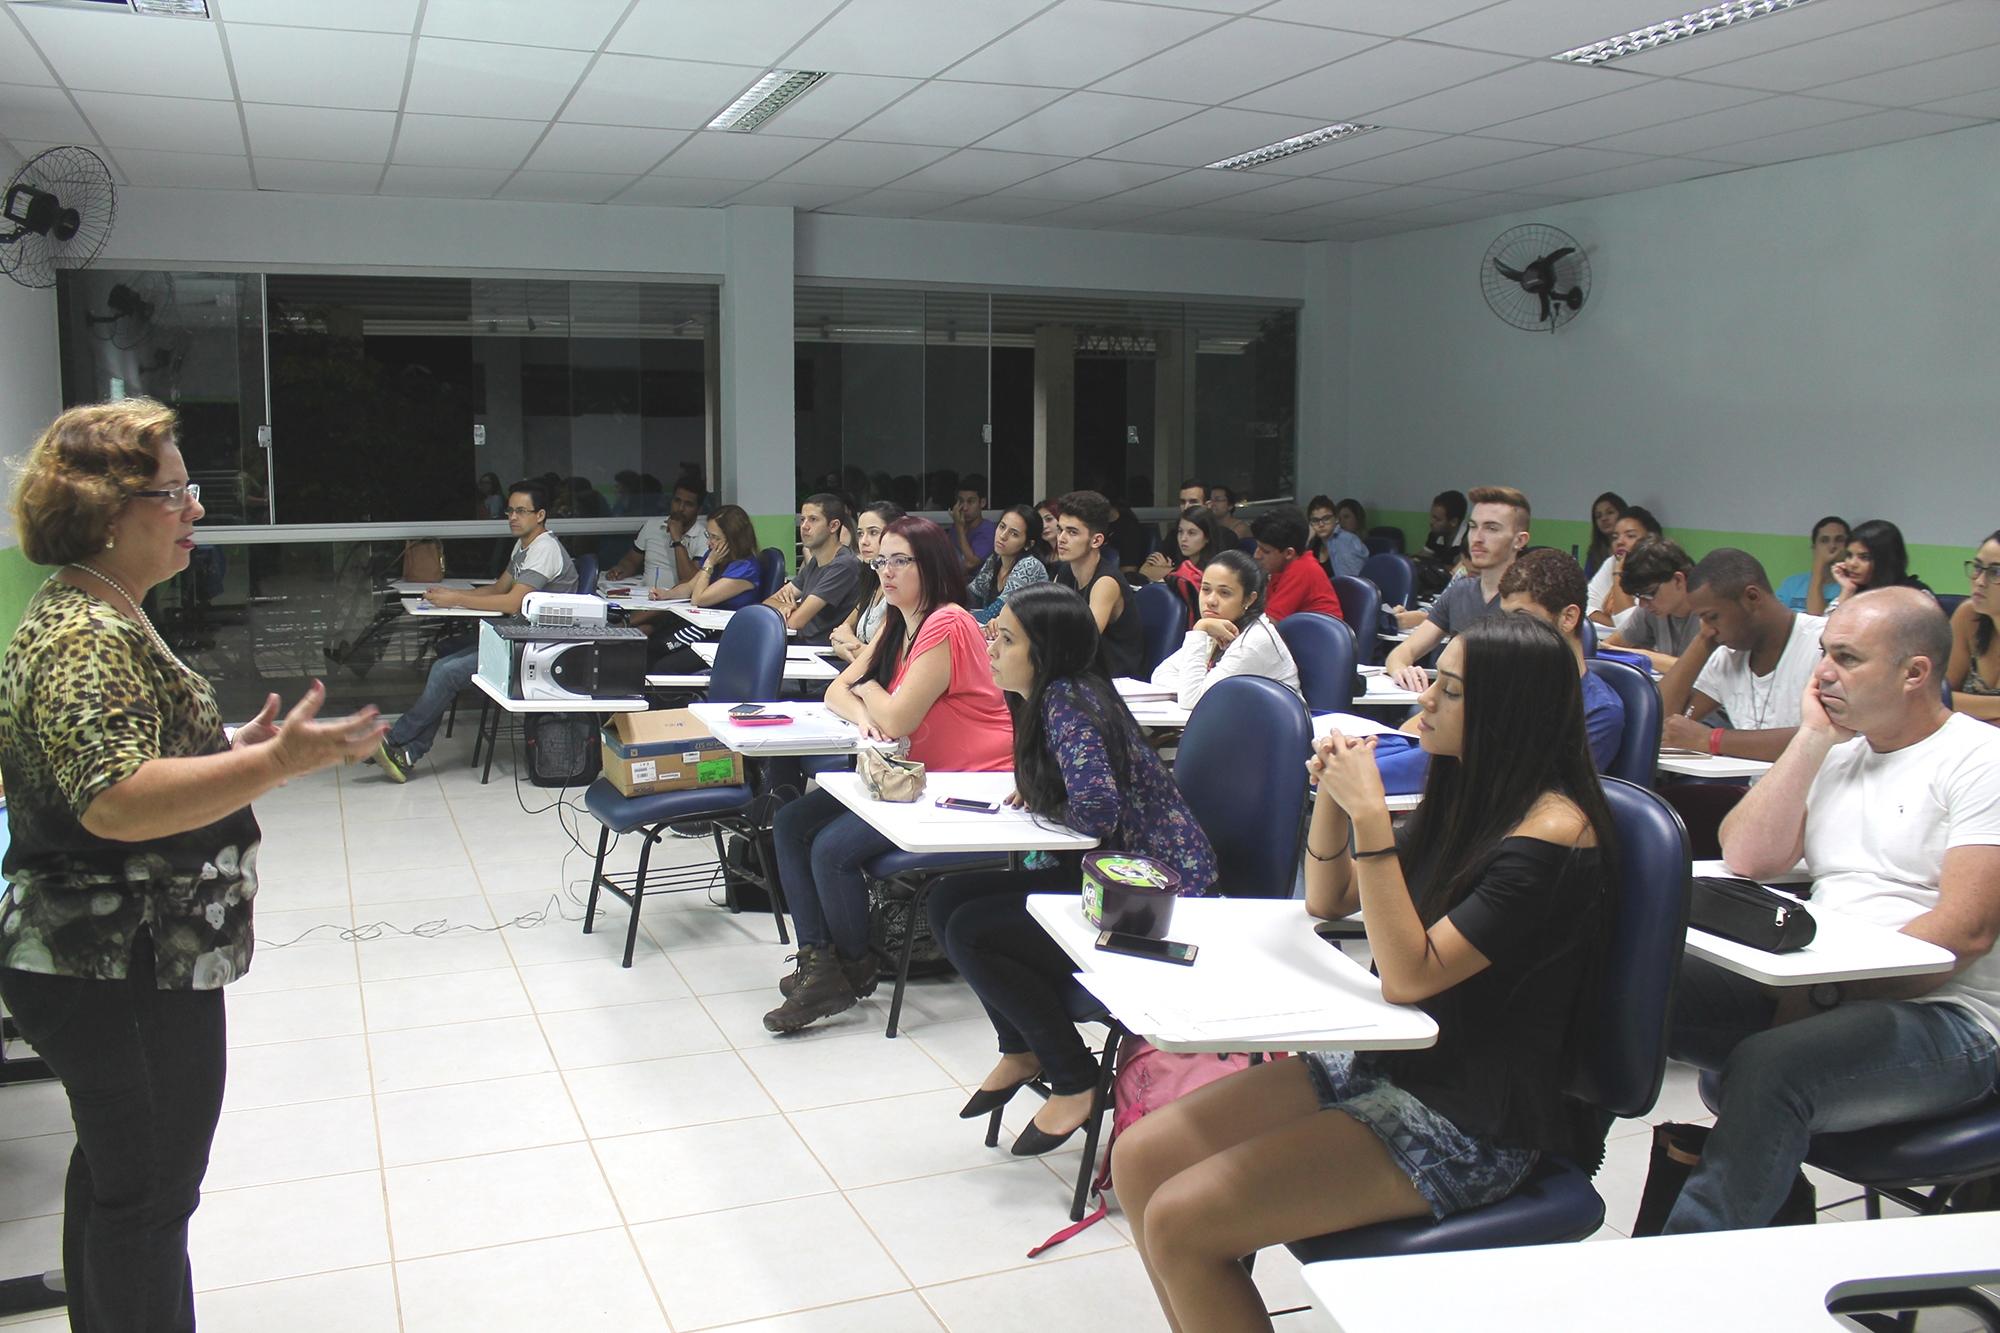 Presidente do Conselho de Arquitetura e Urbanismo de Minas Gerais palestra para alunos em Juiz de Fora